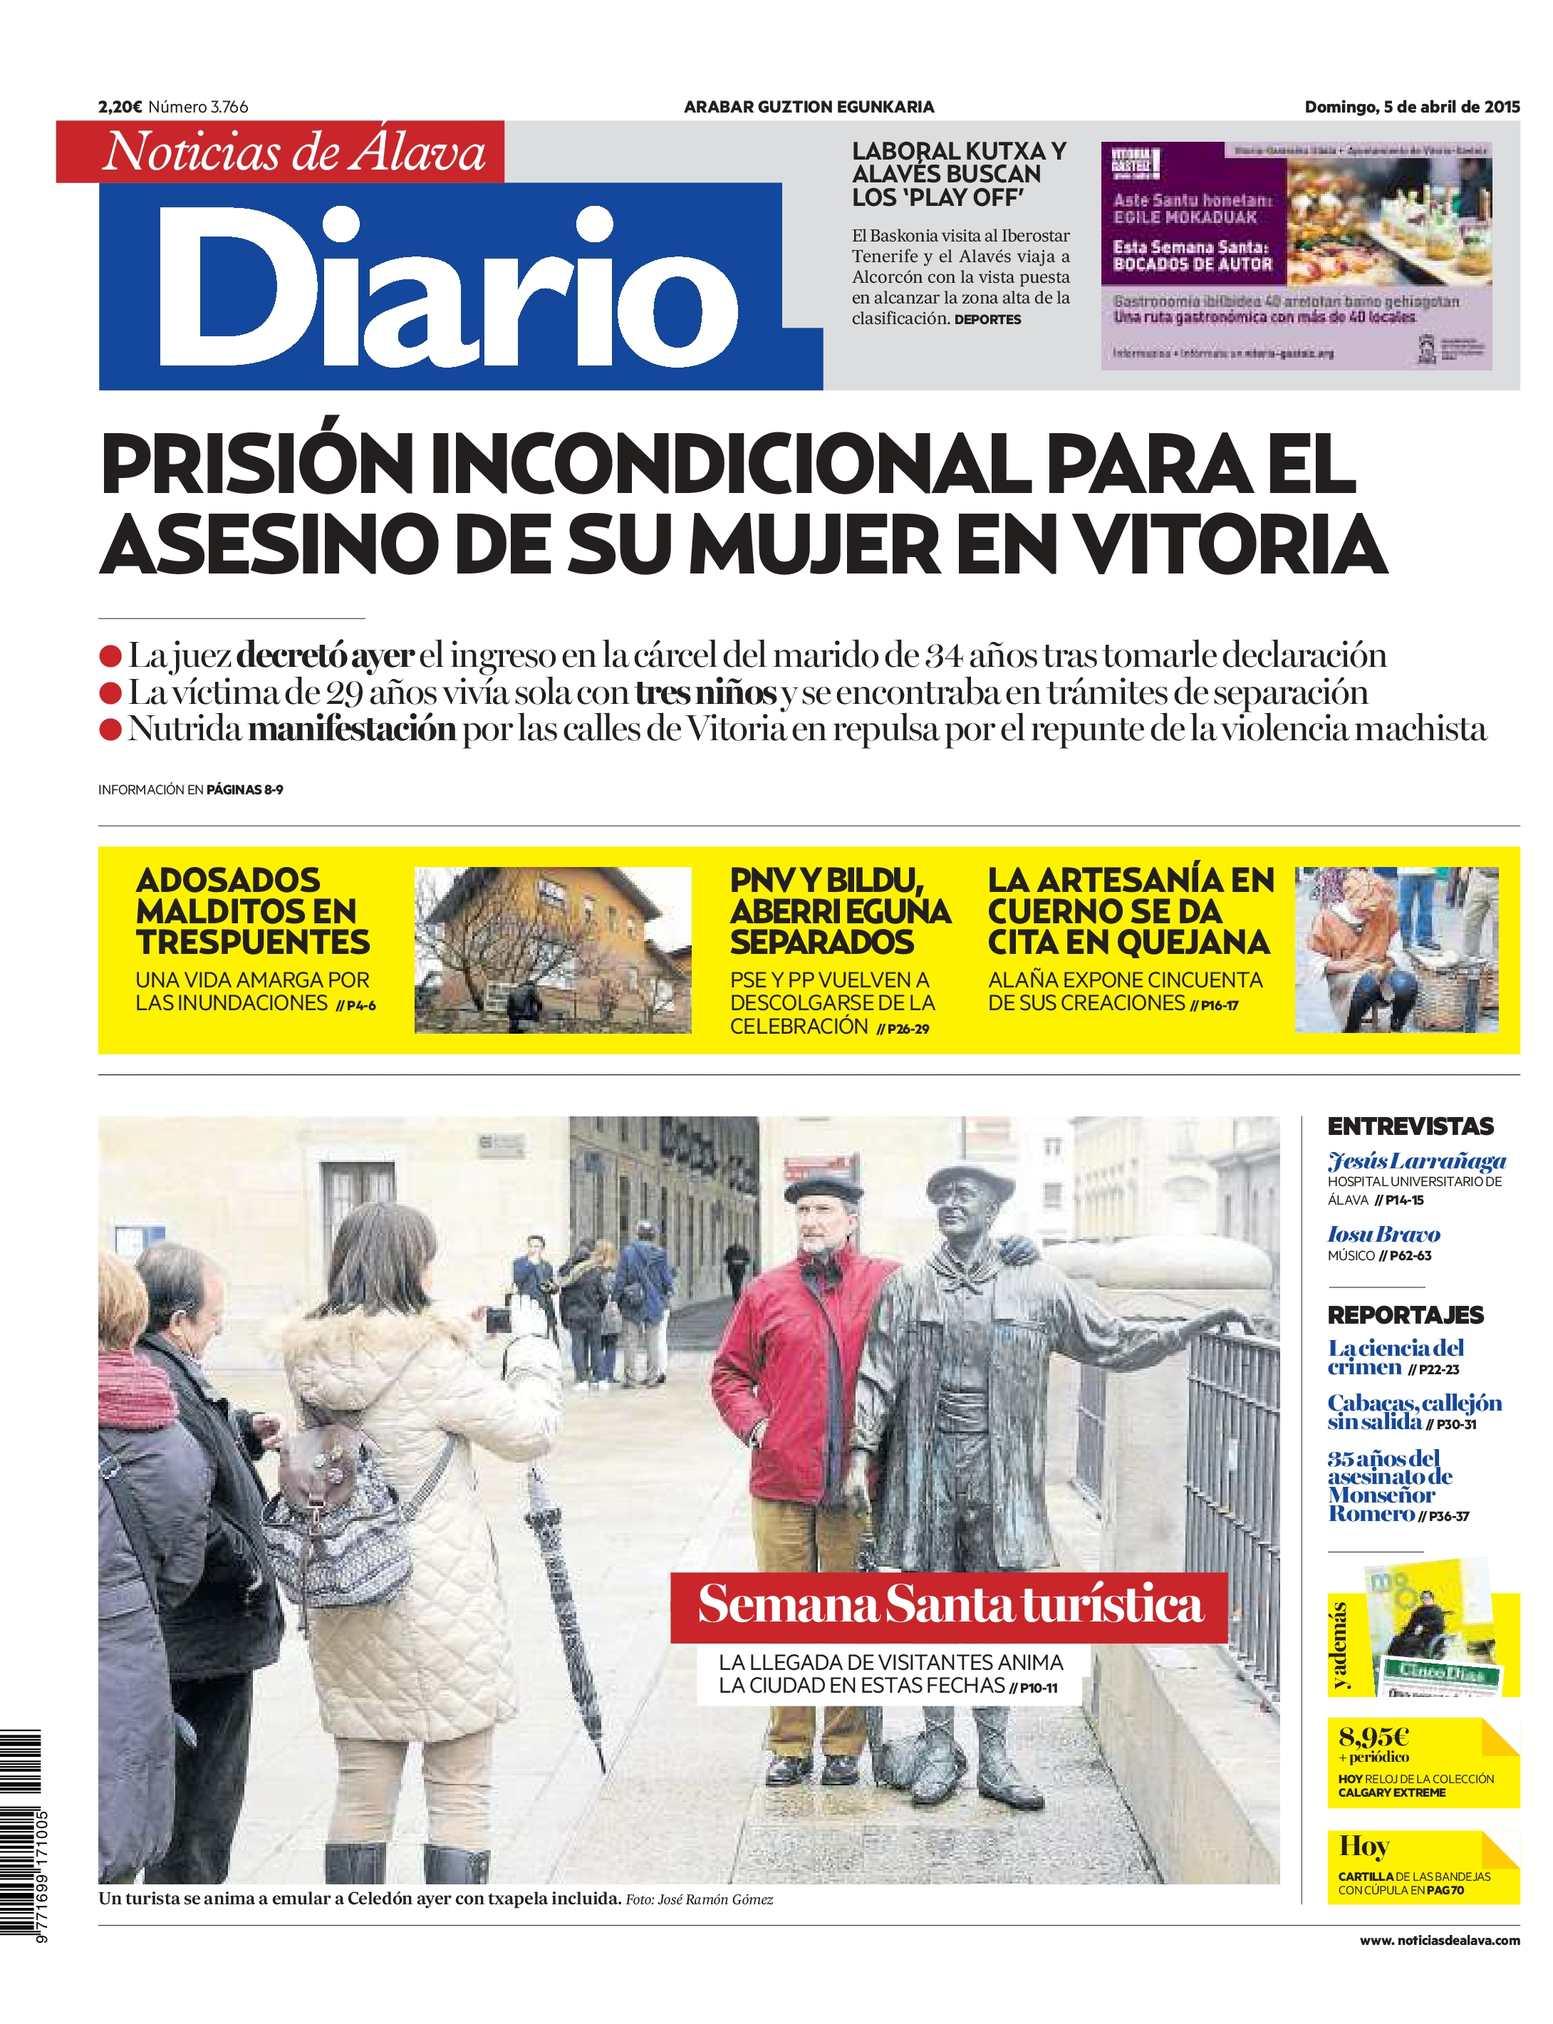 54562a17f4 Calaméo - Diario de Noticias de Álava 20150405